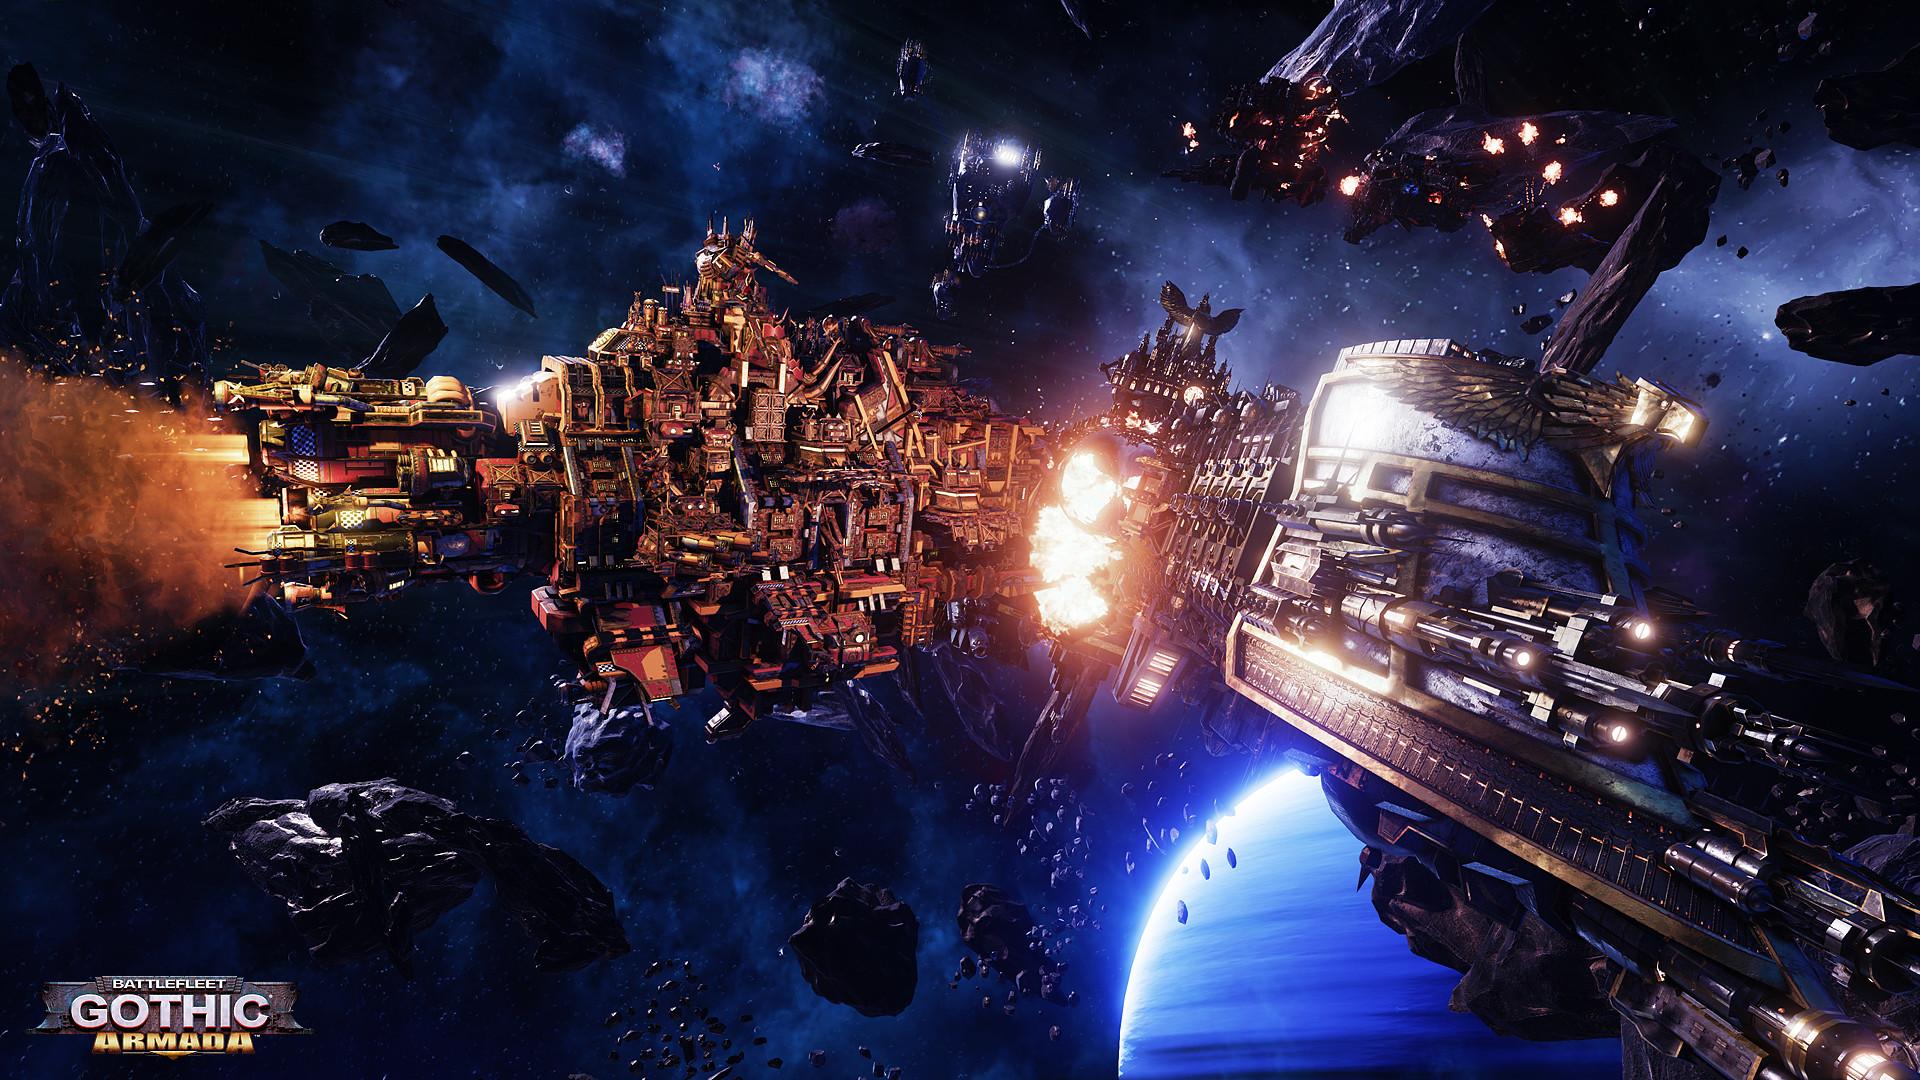 Wallpaper battlefleet gothic, armada, warhammer 40k, black legion